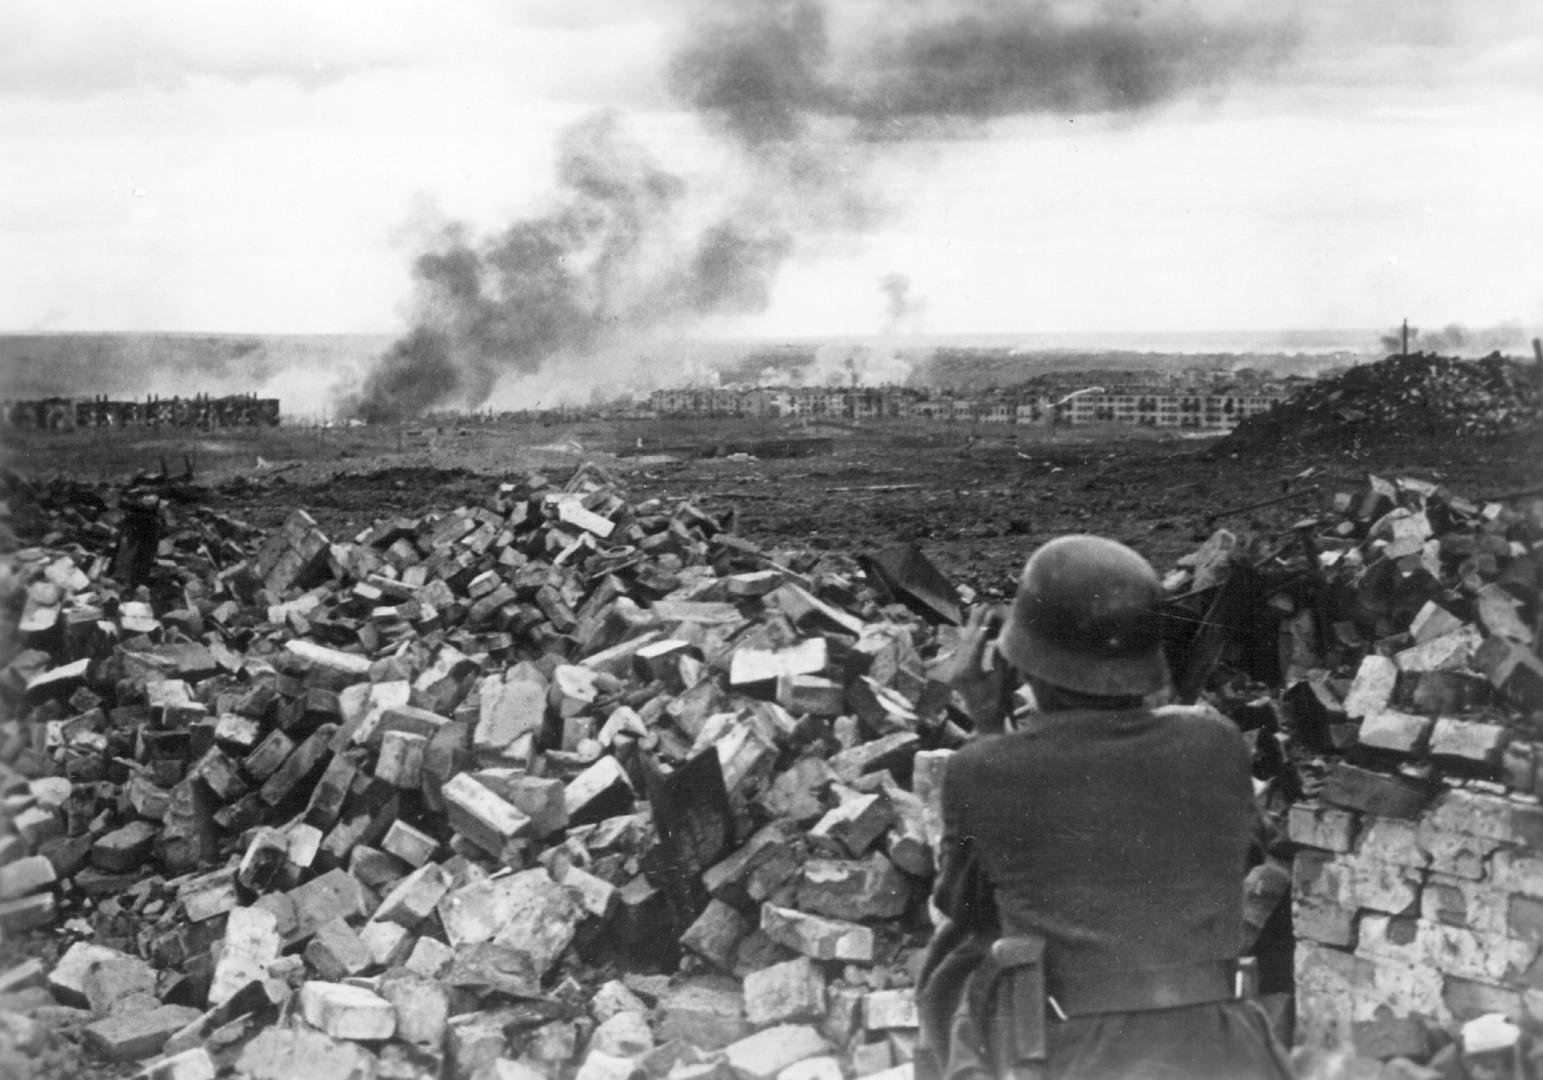 Schlacht um Stalingrad vom 23. August 1942 bis 2. Februar 1943